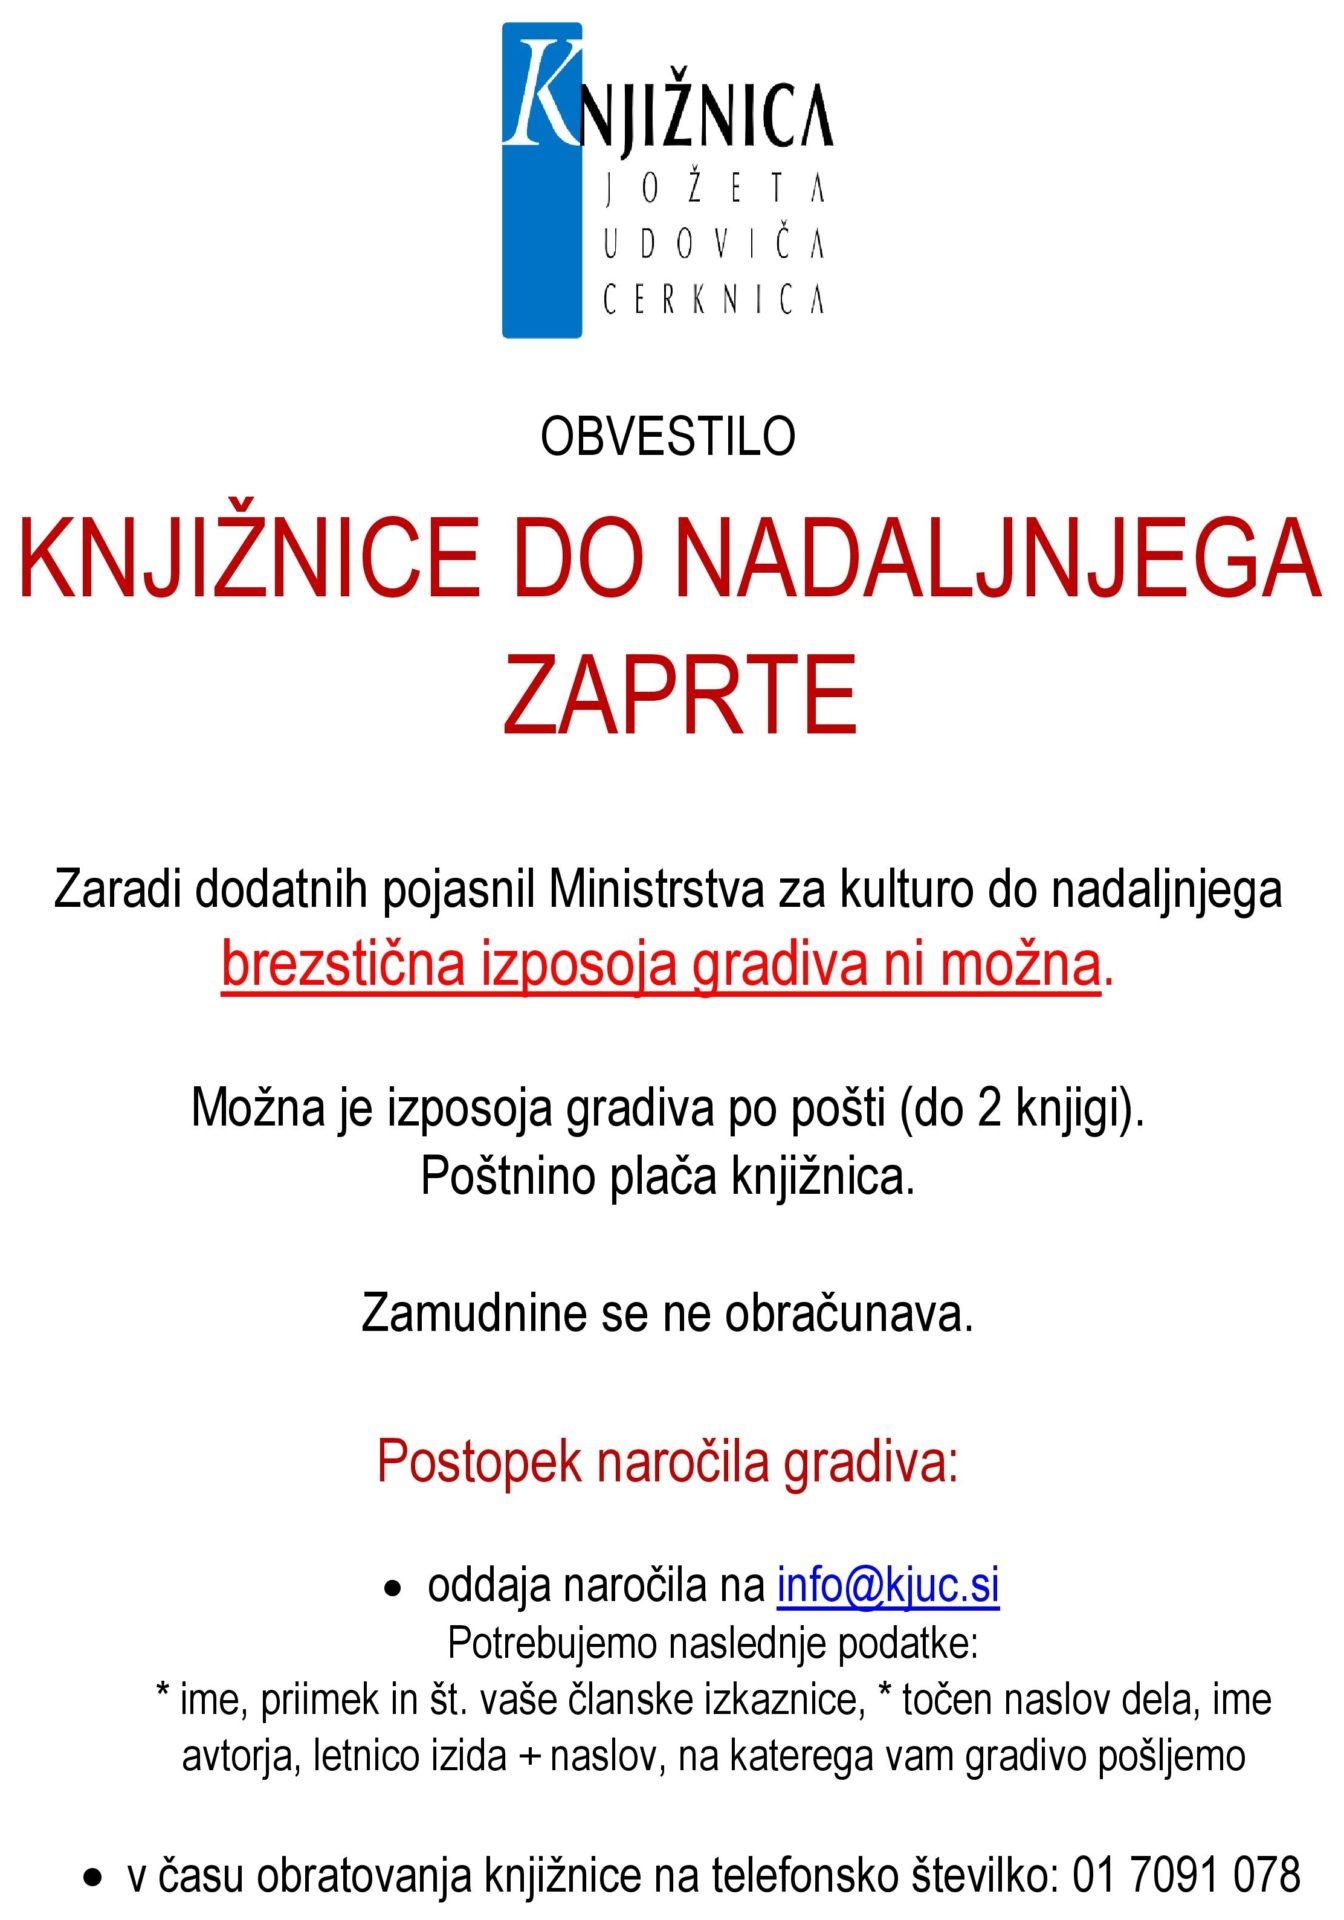 cover 8 - Začasno zaprtje Knjižnice Jožeta Udoviča Cerknica ob ponovni razglasitvi epidemije